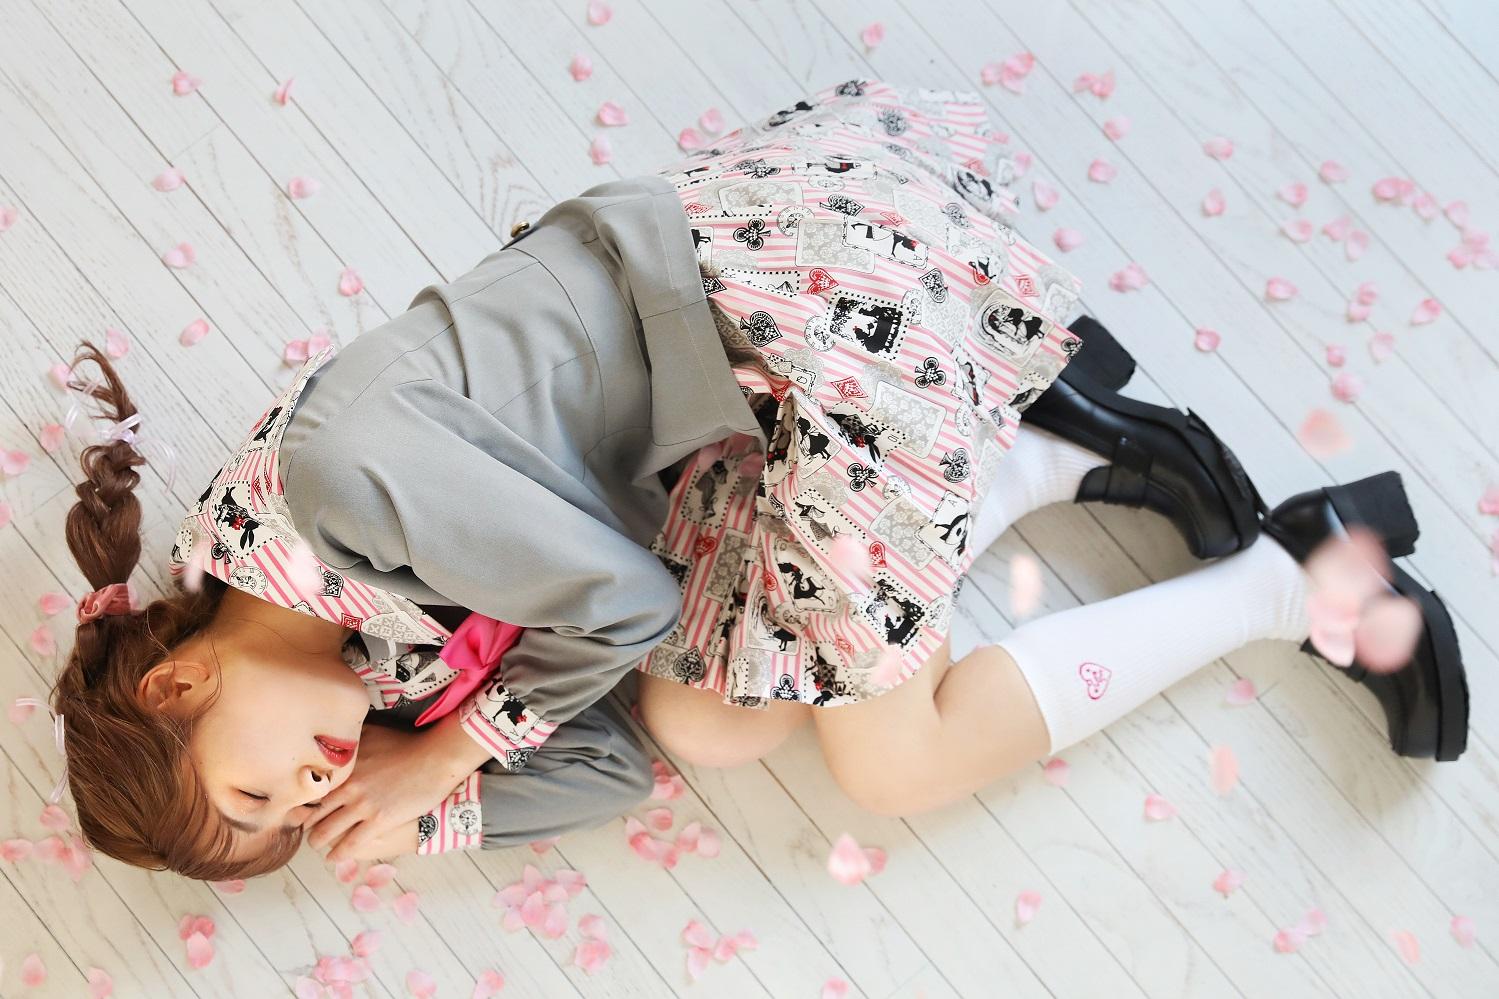 """Singing Cosplayer Hikari Rilis Video Lagu Cover Pertama di YouTube """"I Want to Meet You (I Want To See You / Aitai)"""" dari GUMI 3"""